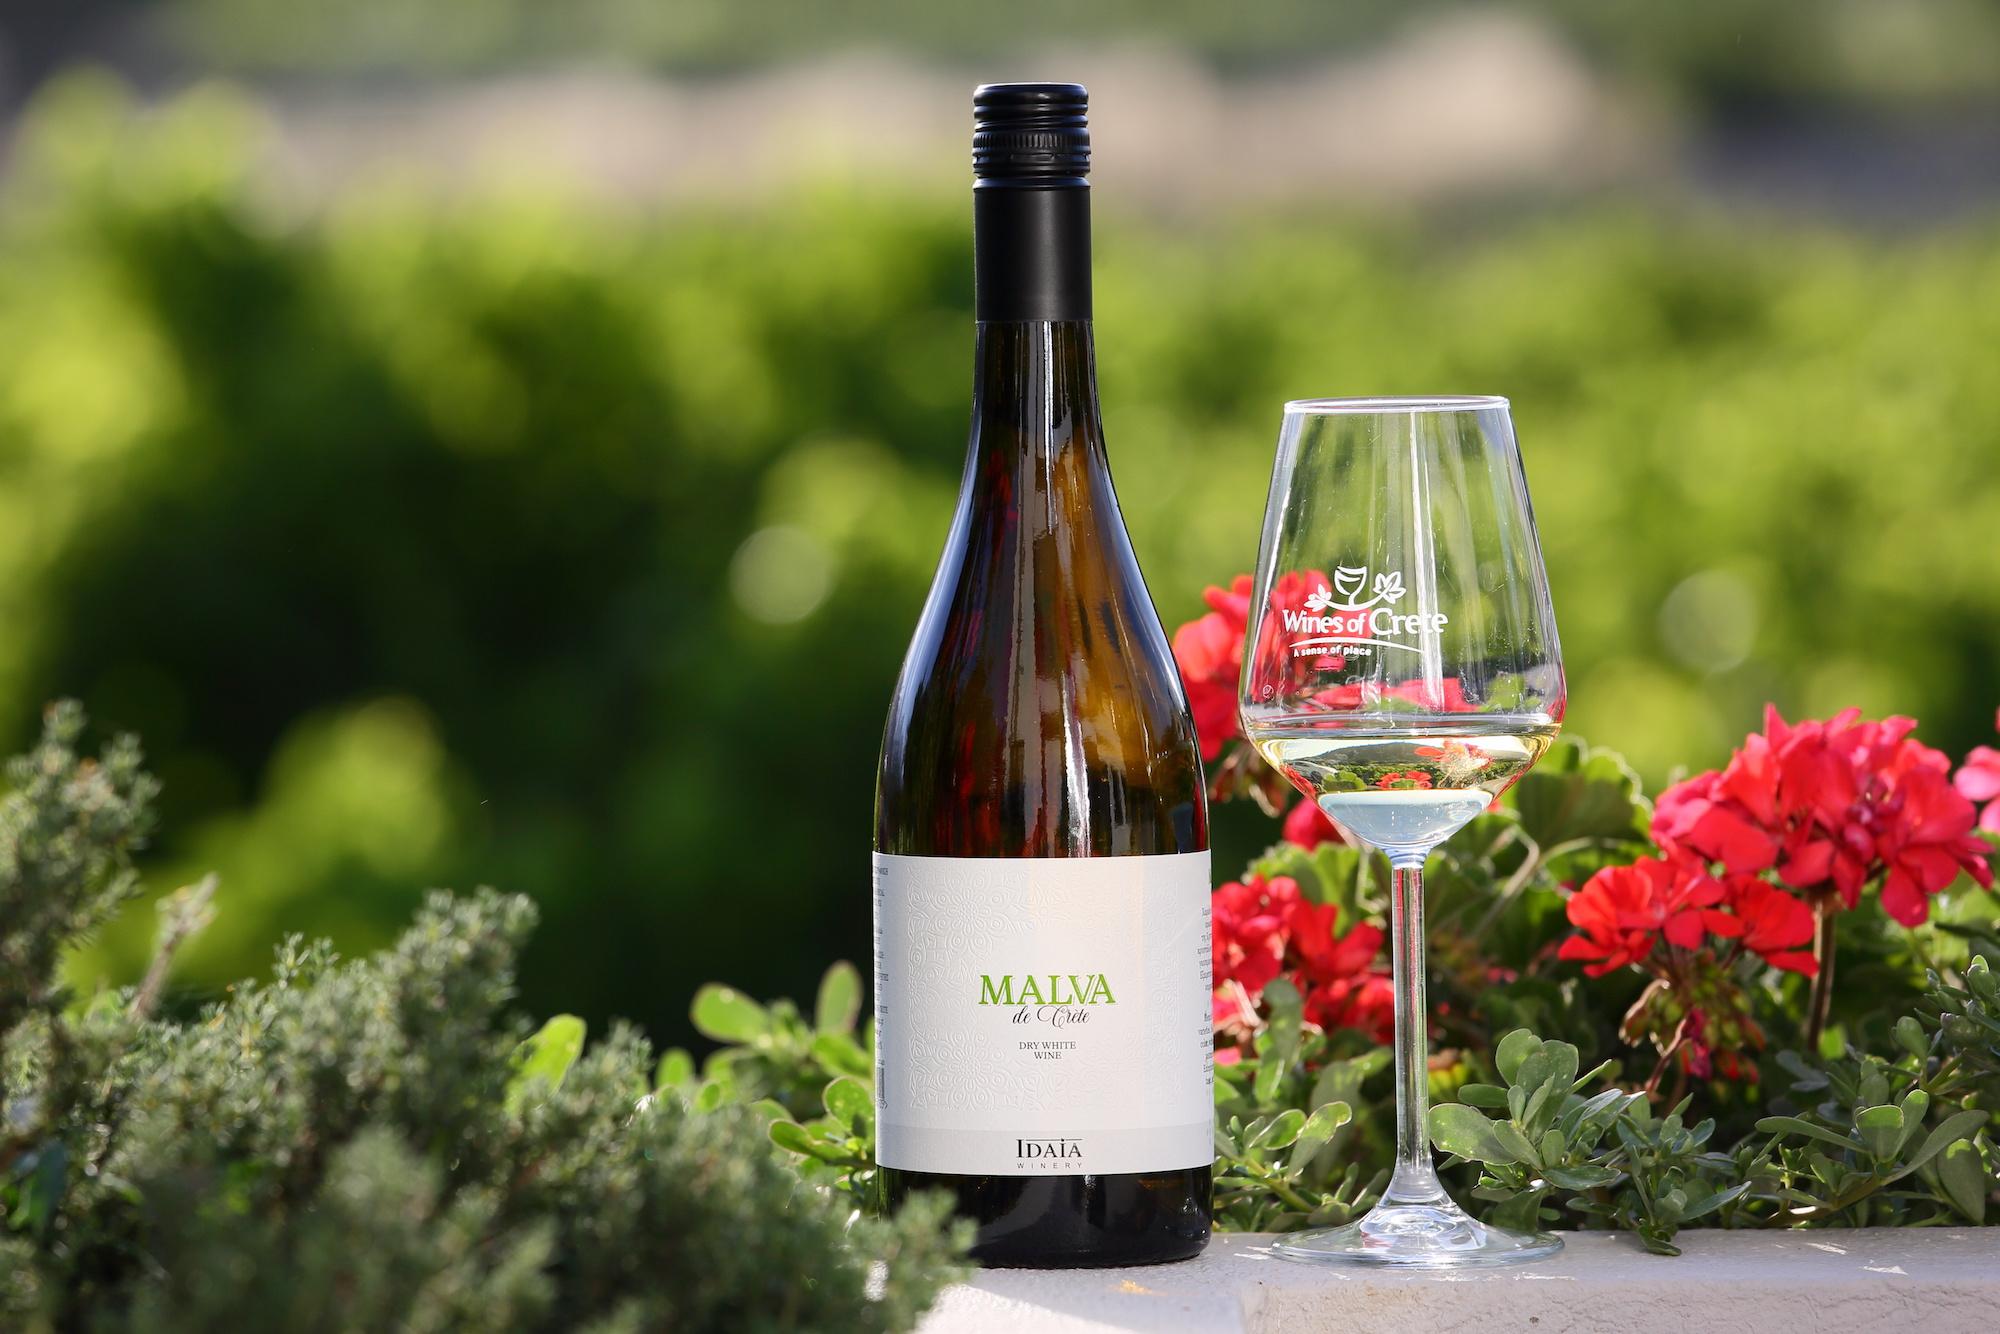 You are currently viewing Malva: To νέο κρασί που φέρνει άρωμα στο καλοκαίρι μας, από τη Ιδαία Οινοποιητική